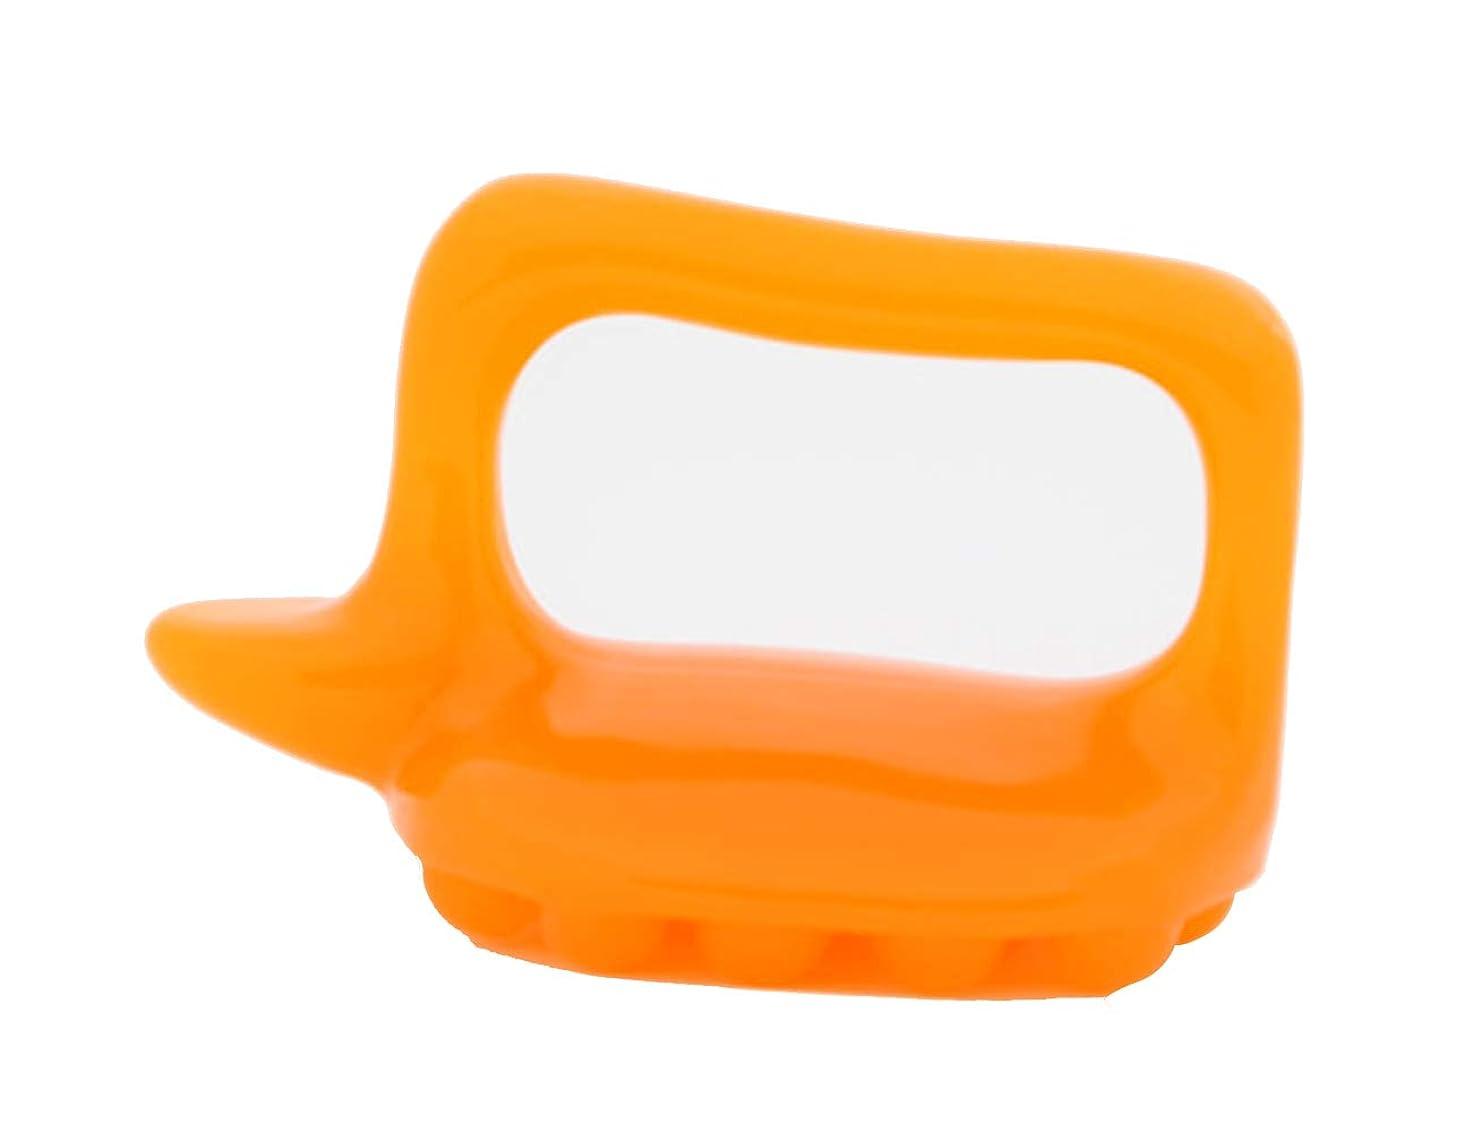 ボディマッサージ首の背部頭部のための携帯用蜜蝋の樹脂のマッサージ用具4つの形の選択 Elitzia ETML1067 (オレンジボディマッサージタートル)